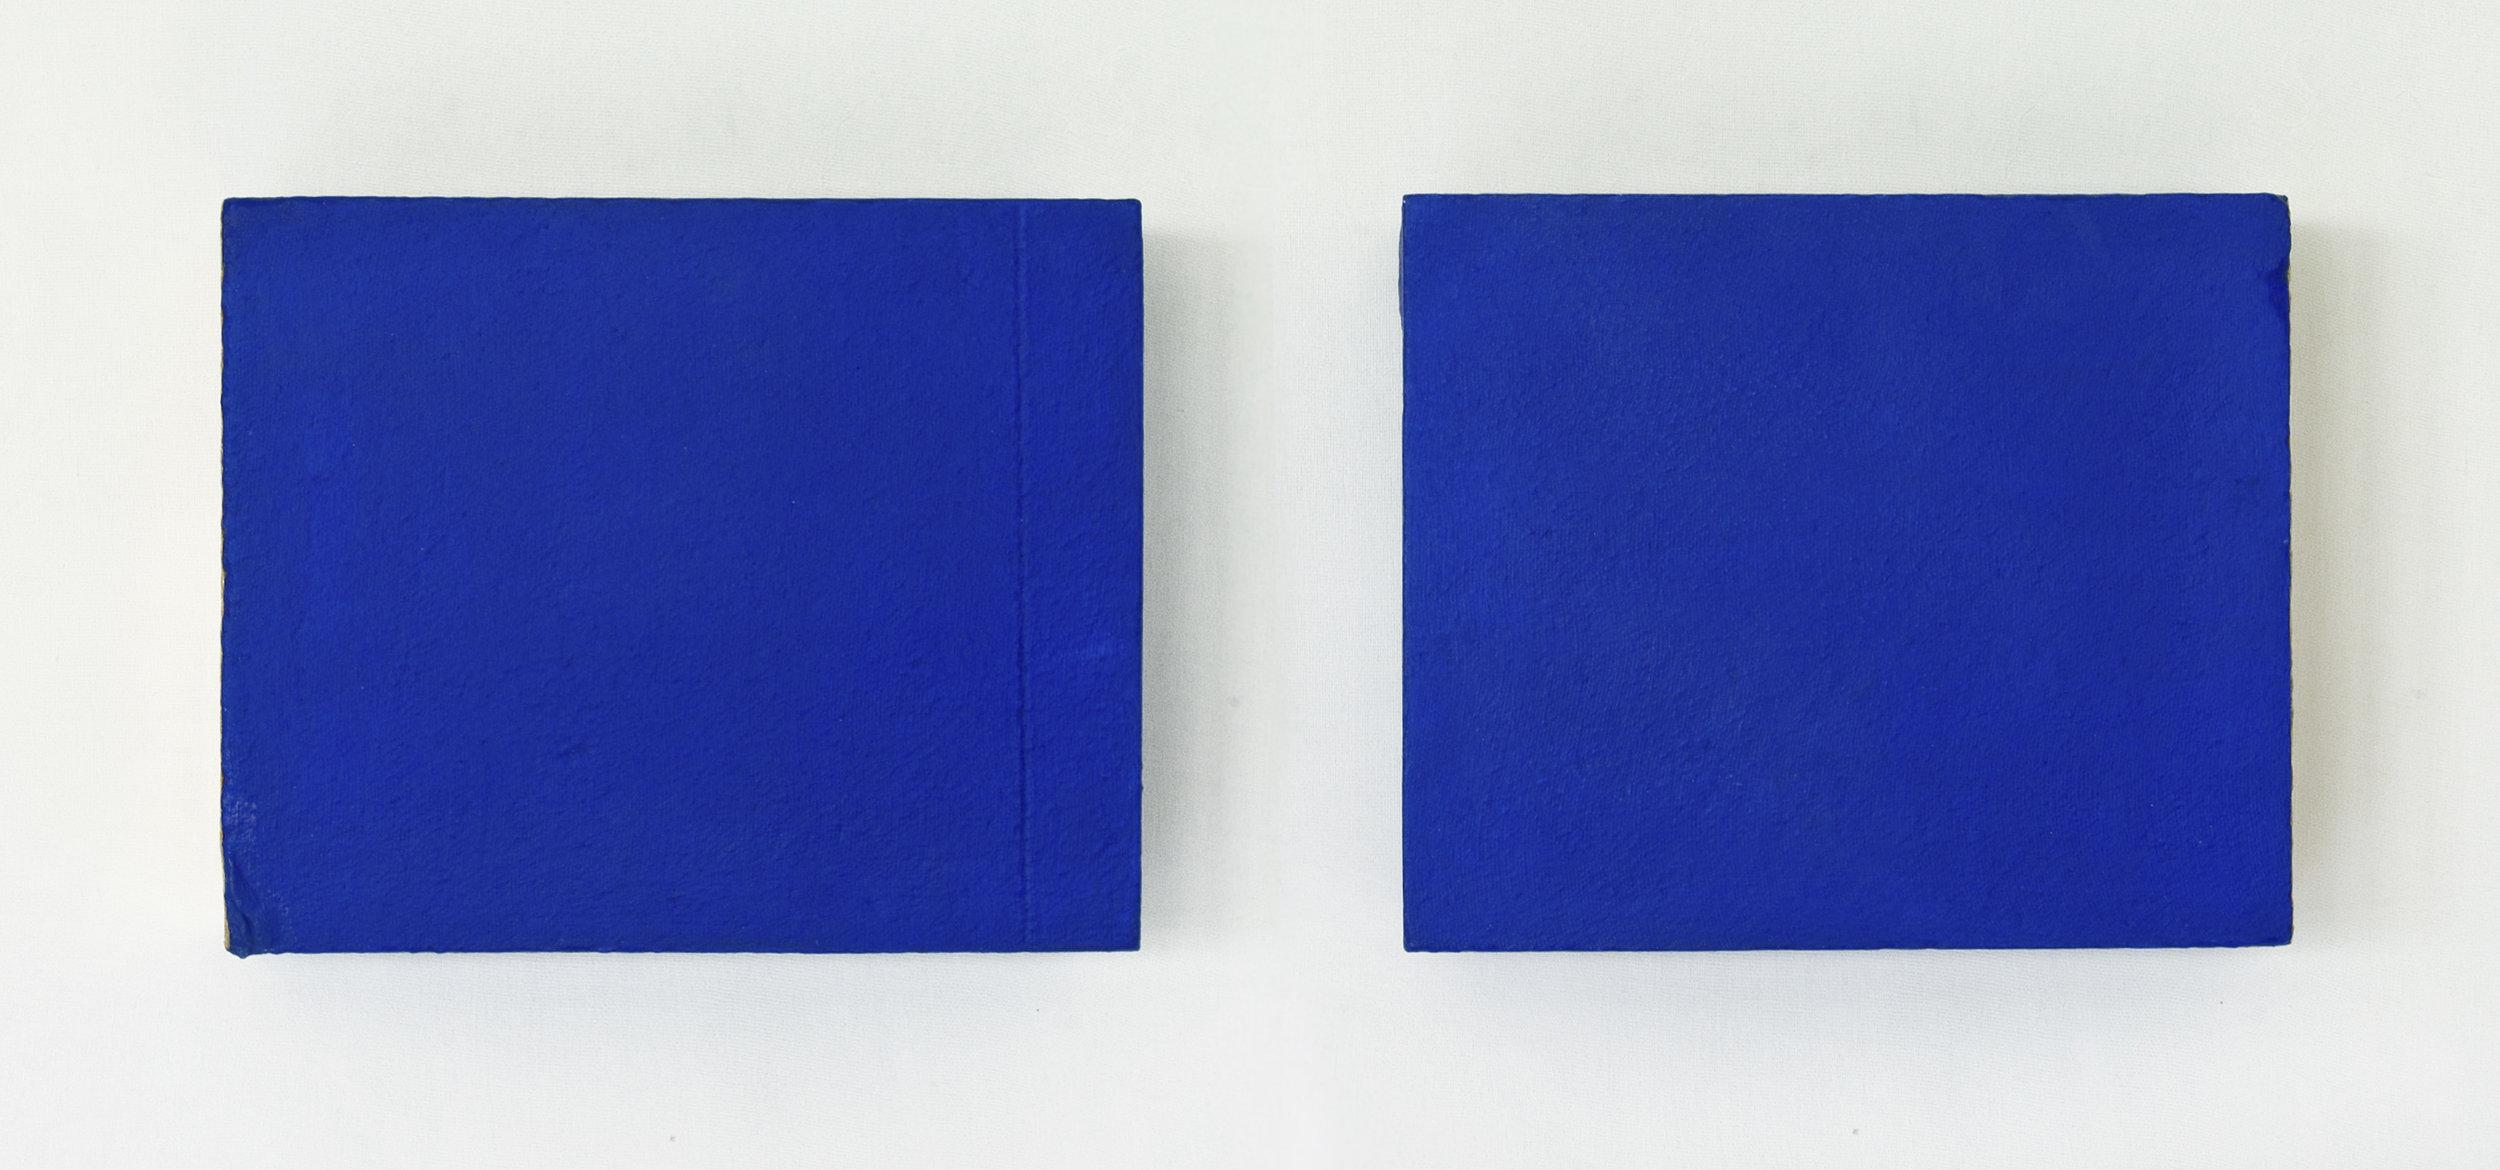 IKONA, akril, tekstil, siporeks, dvakrat 25 x 30 cm, 2000